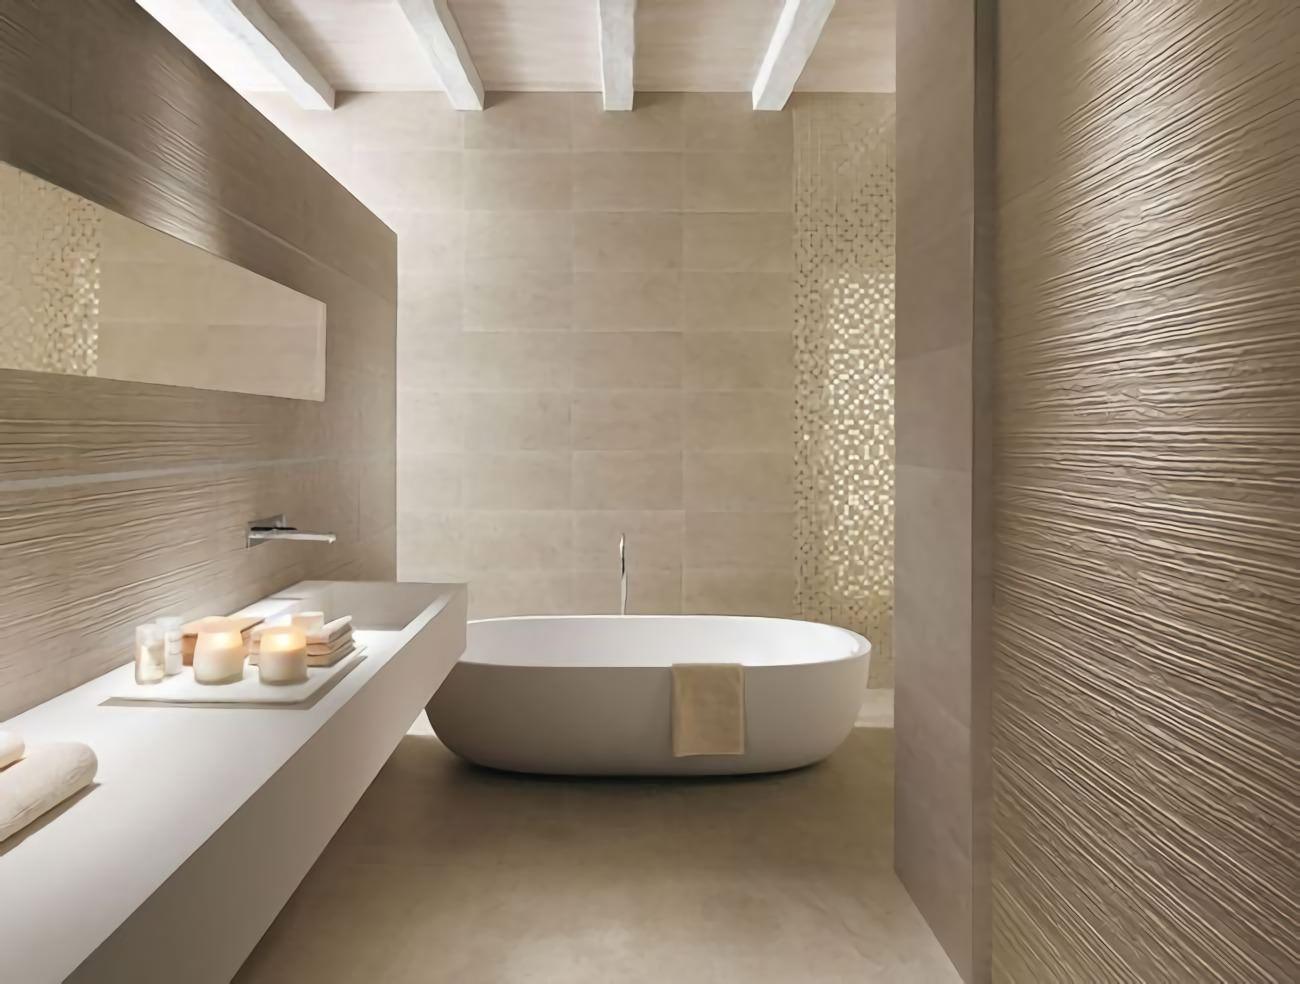 Bagno con pavimenti e rivestimenti in mosaico u2022 100 idee bagni